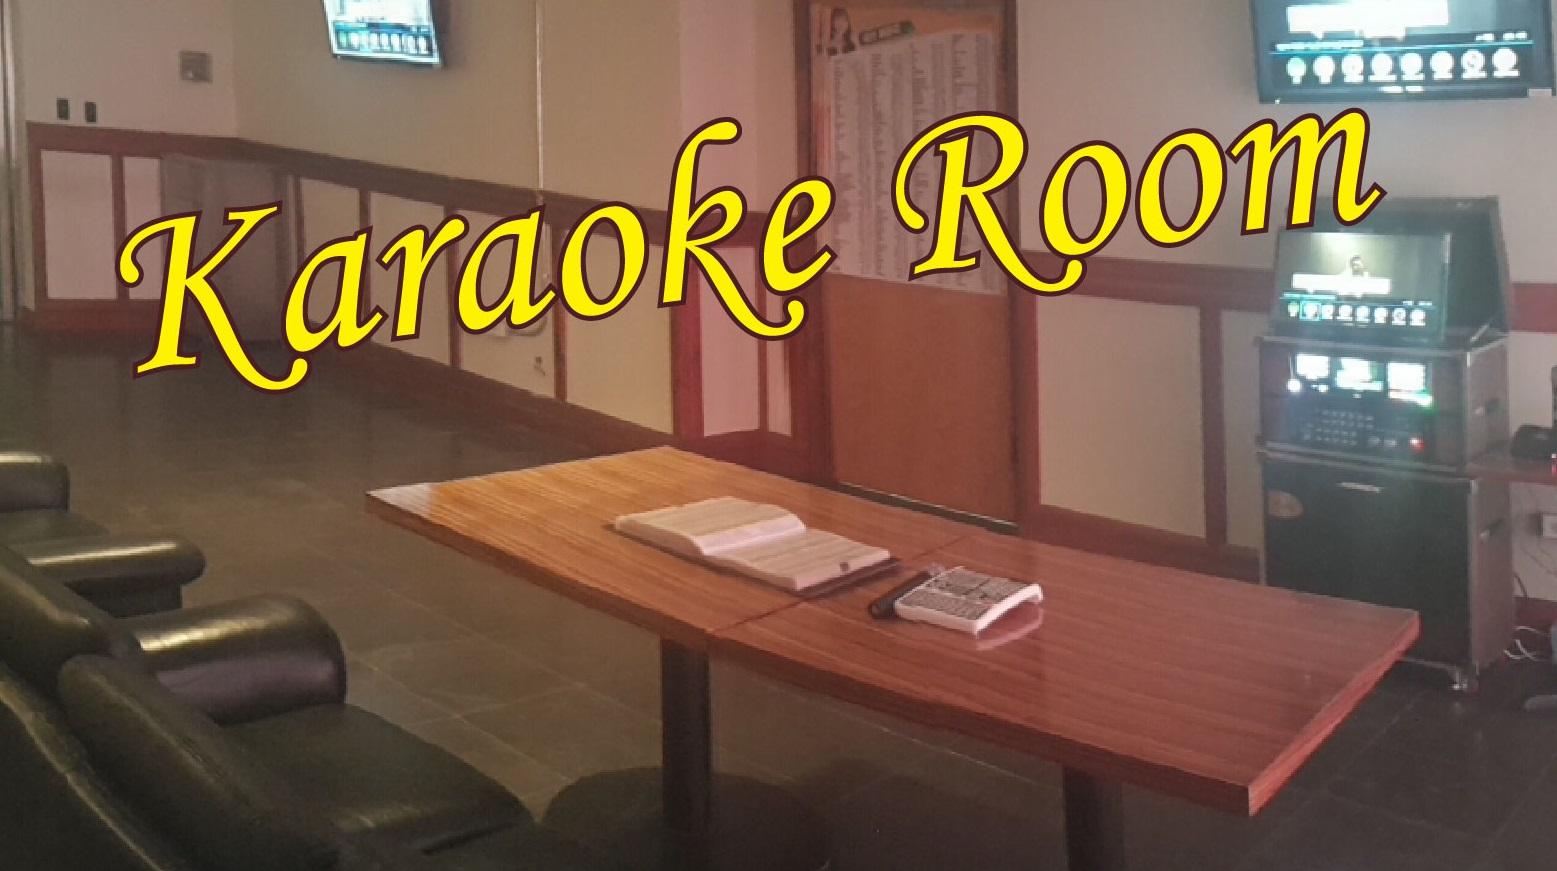 Karaoke Room Open at Yongsan Lanes Bowling Center